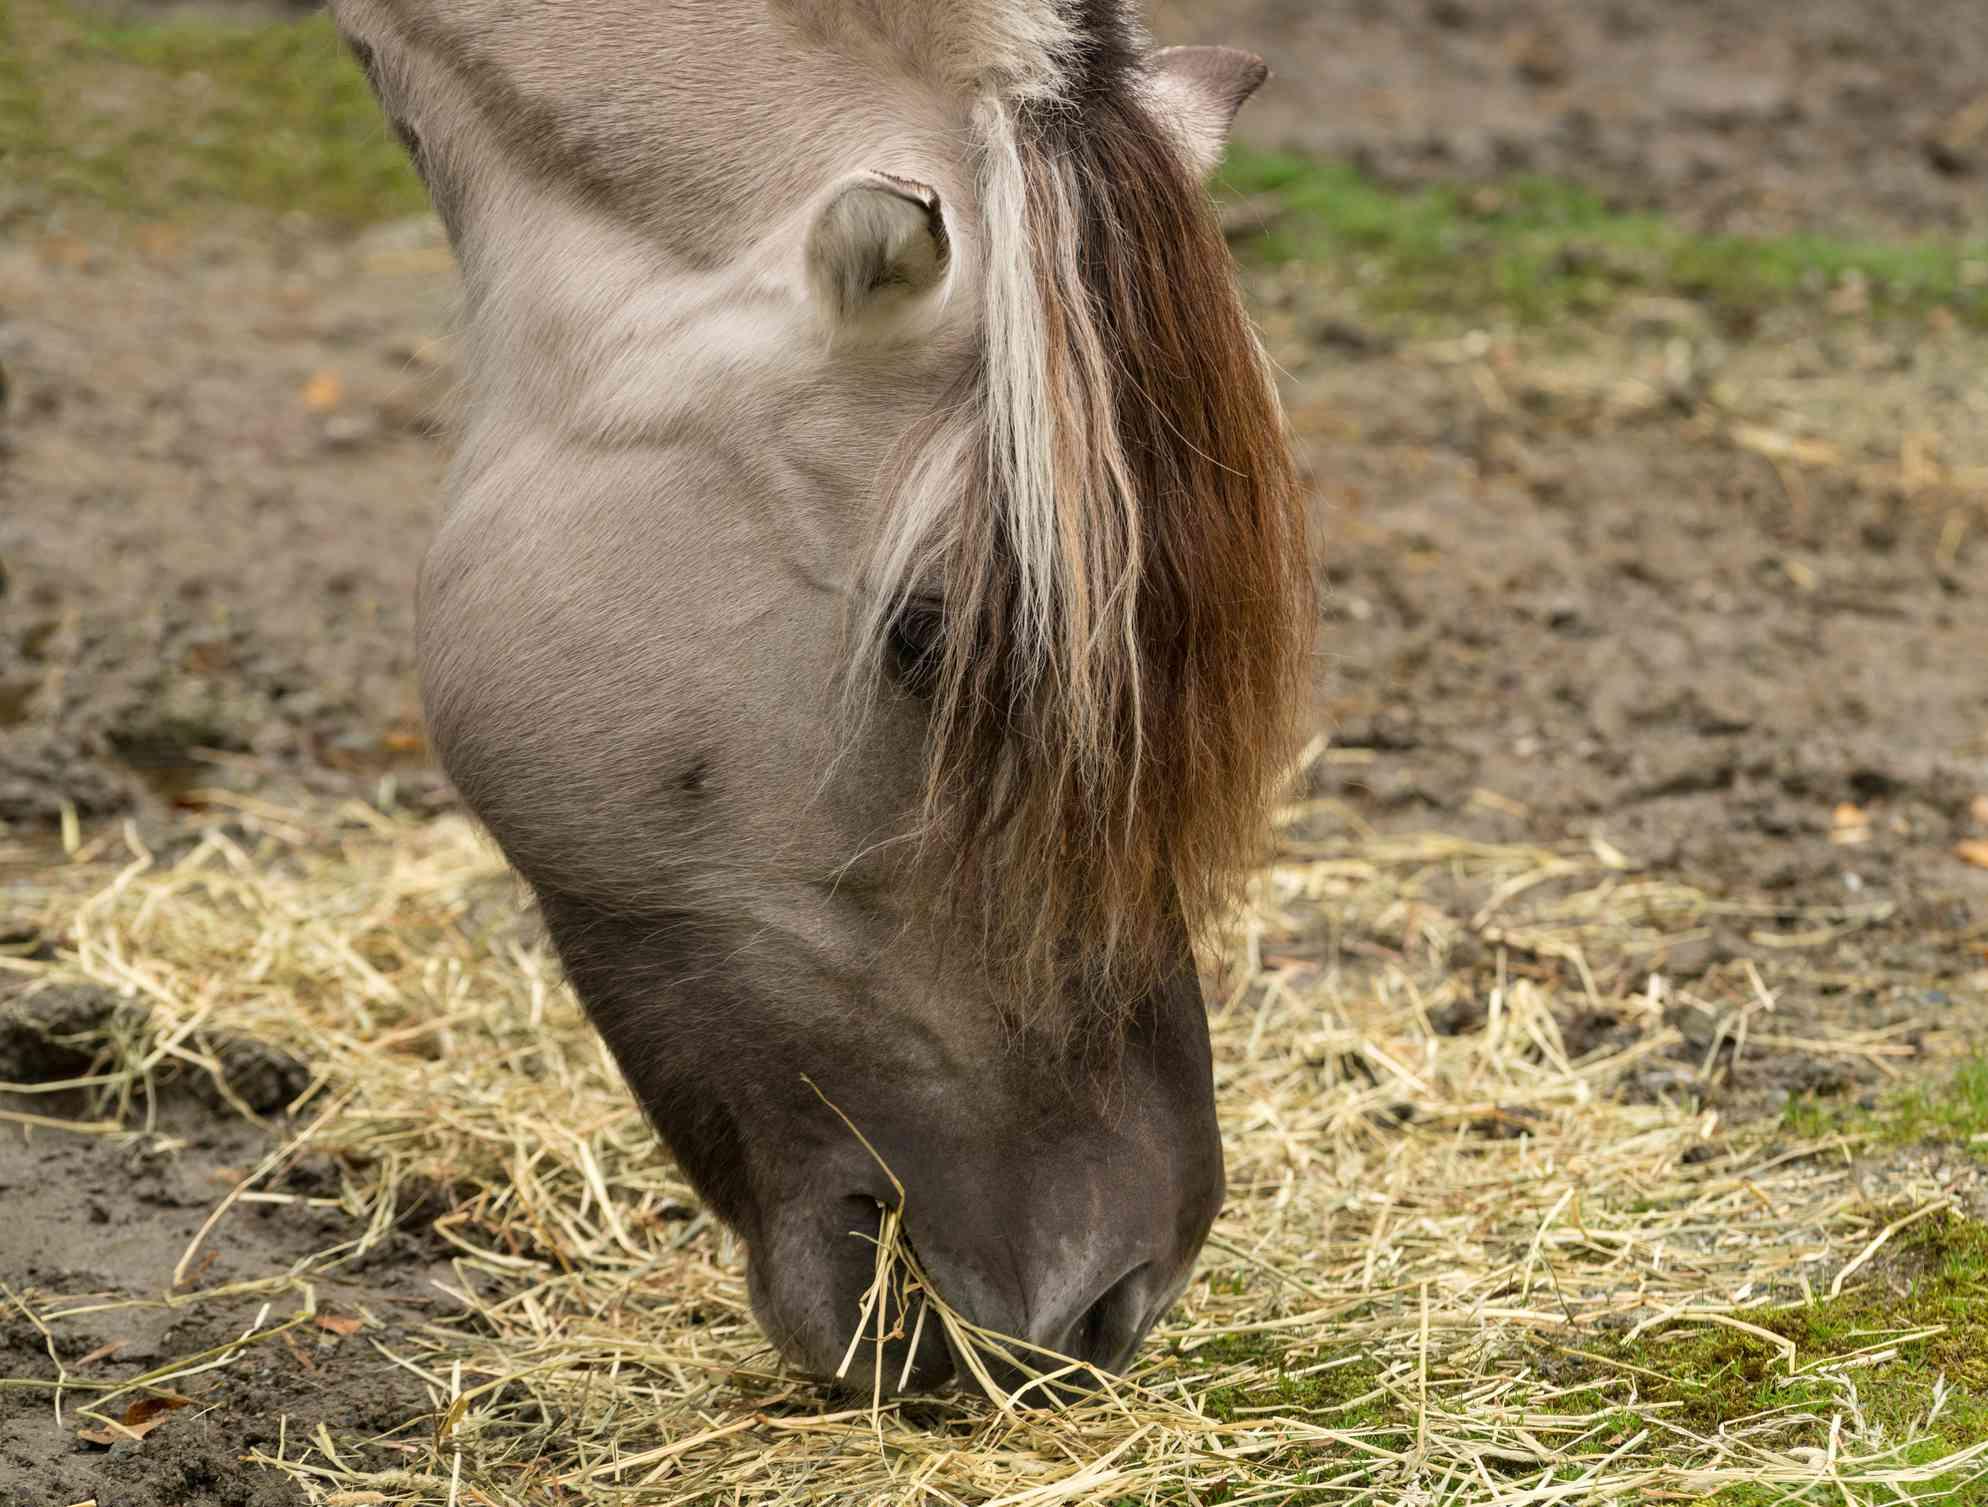 Un caballo fiordo gris más oscuro comiendo heno